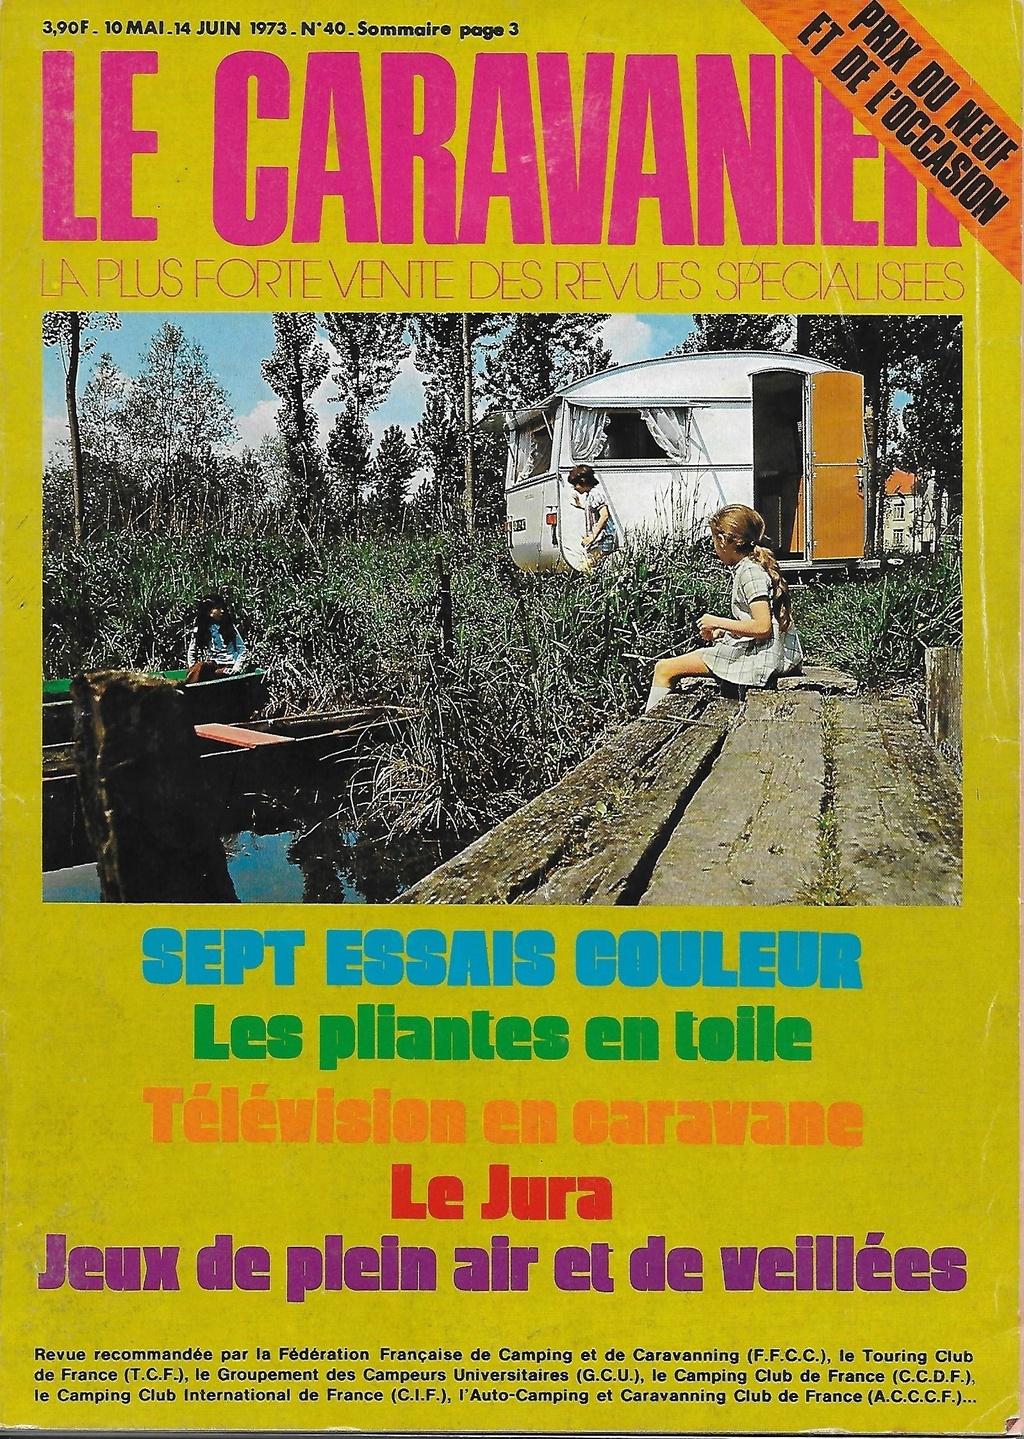 Esterel dans Le Caravanier - Page 9 40_00012